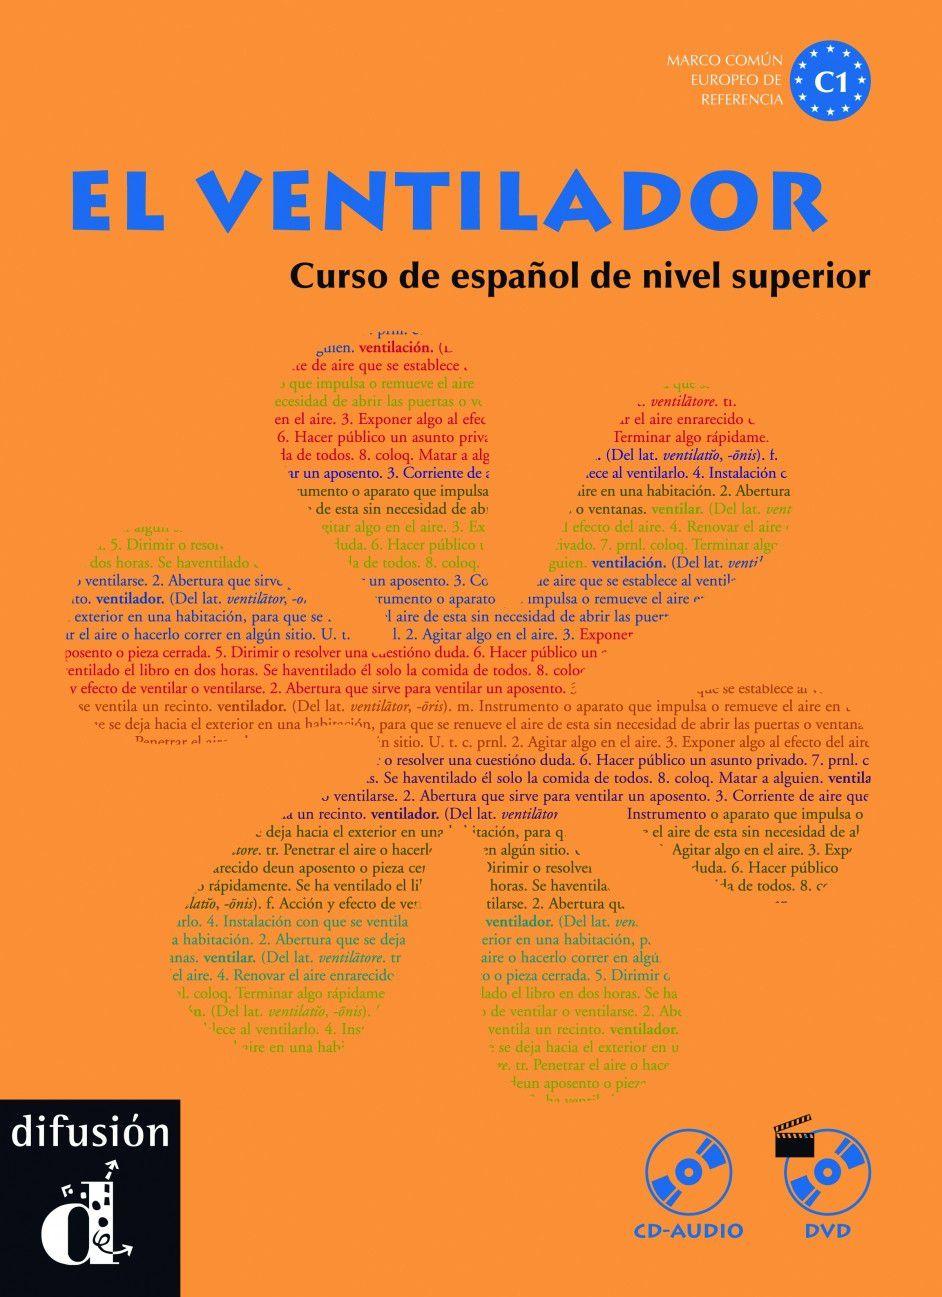 EL VENTILADOR - LIBRO DEL ALUMNO CON CD Y DVD